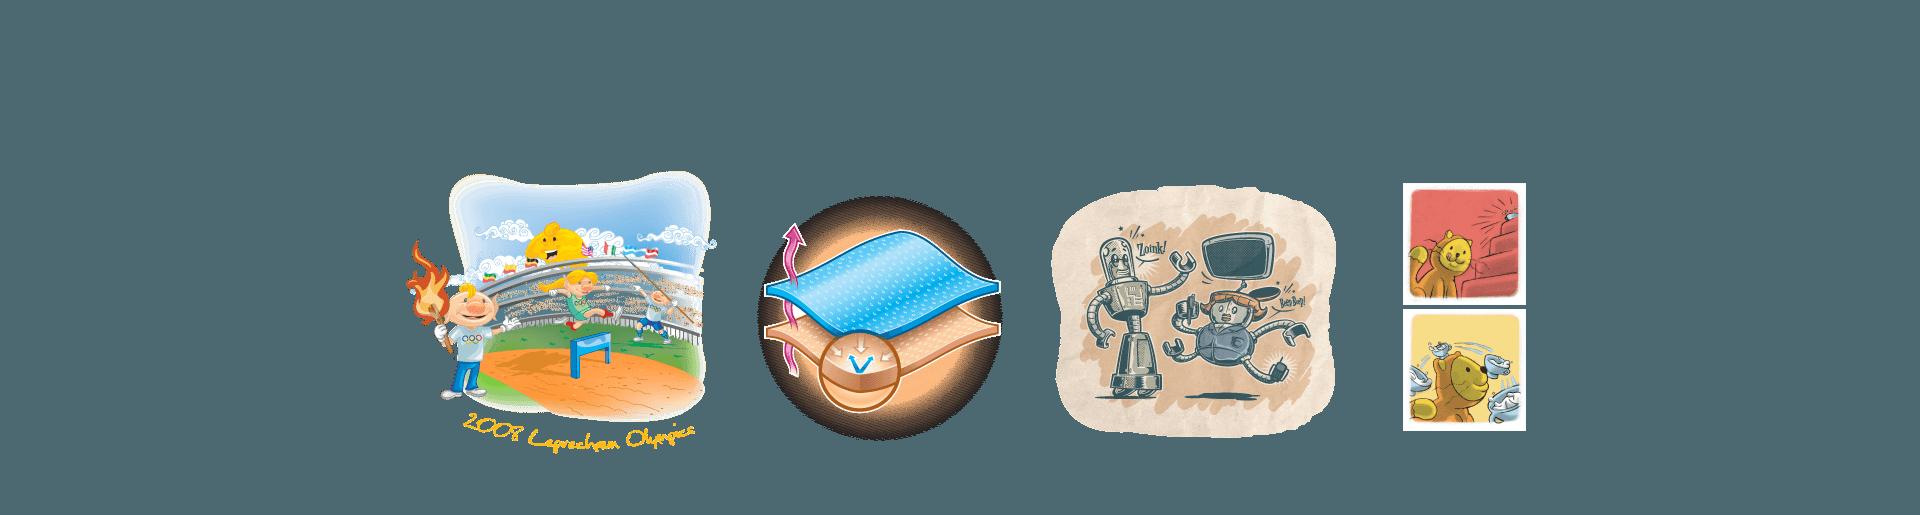 Illustration_slide